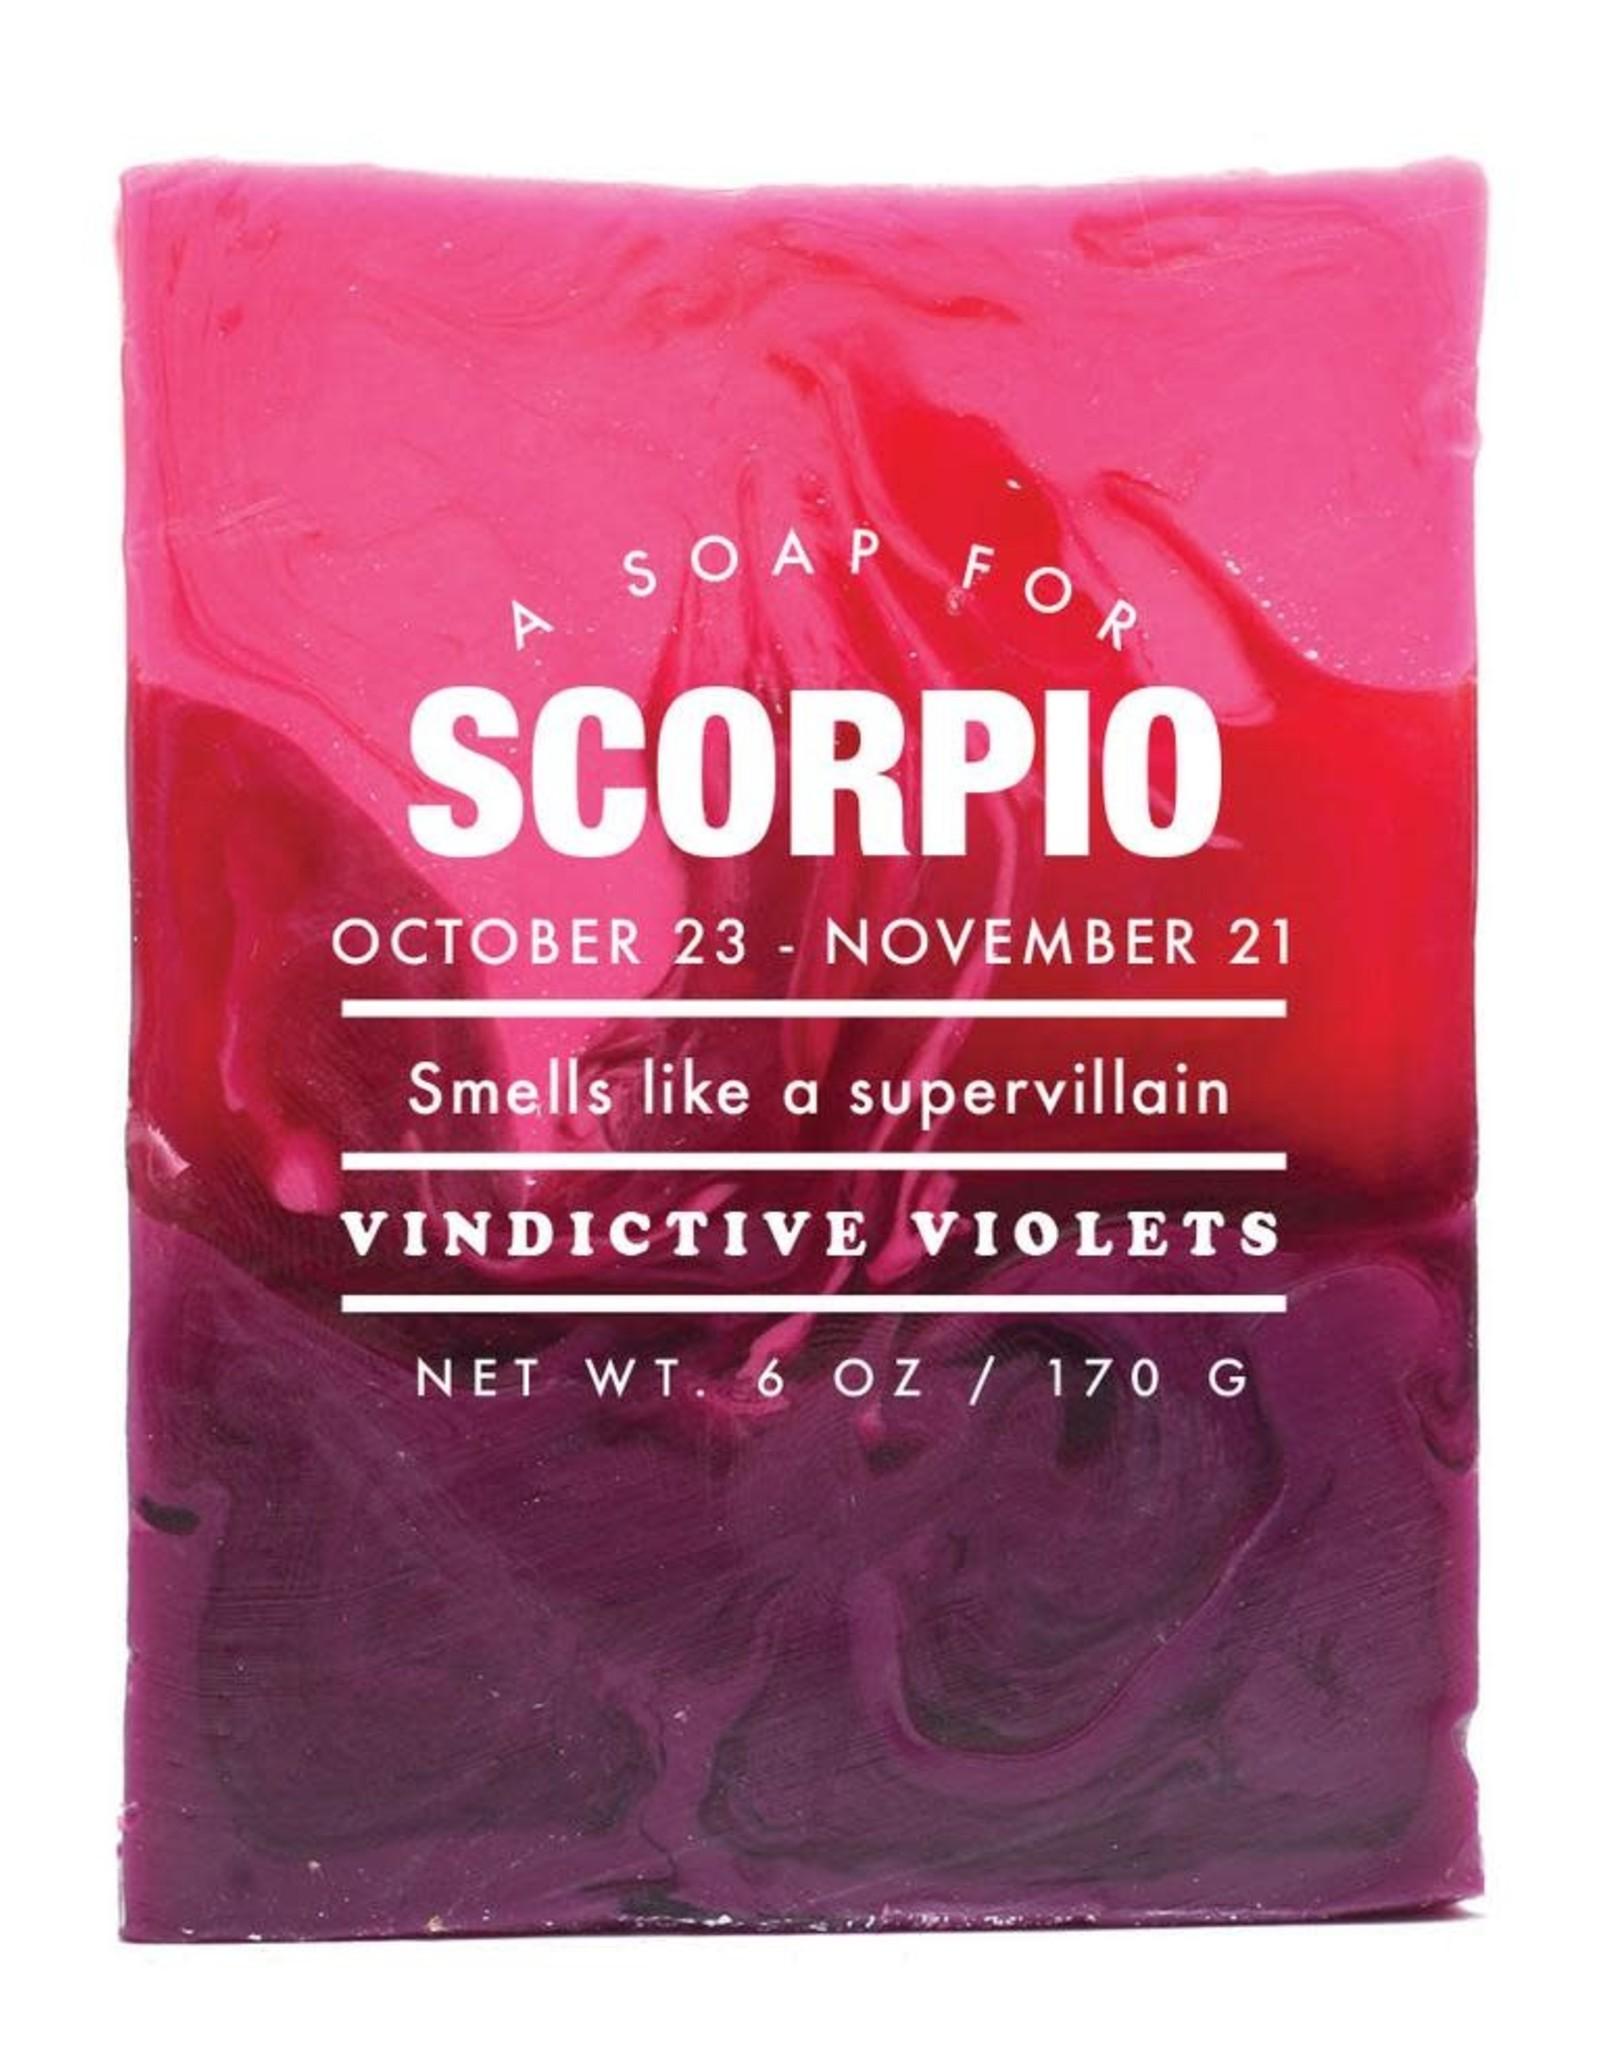 Whiskey River Soap WER - Soap/ Scorpio 6 oz